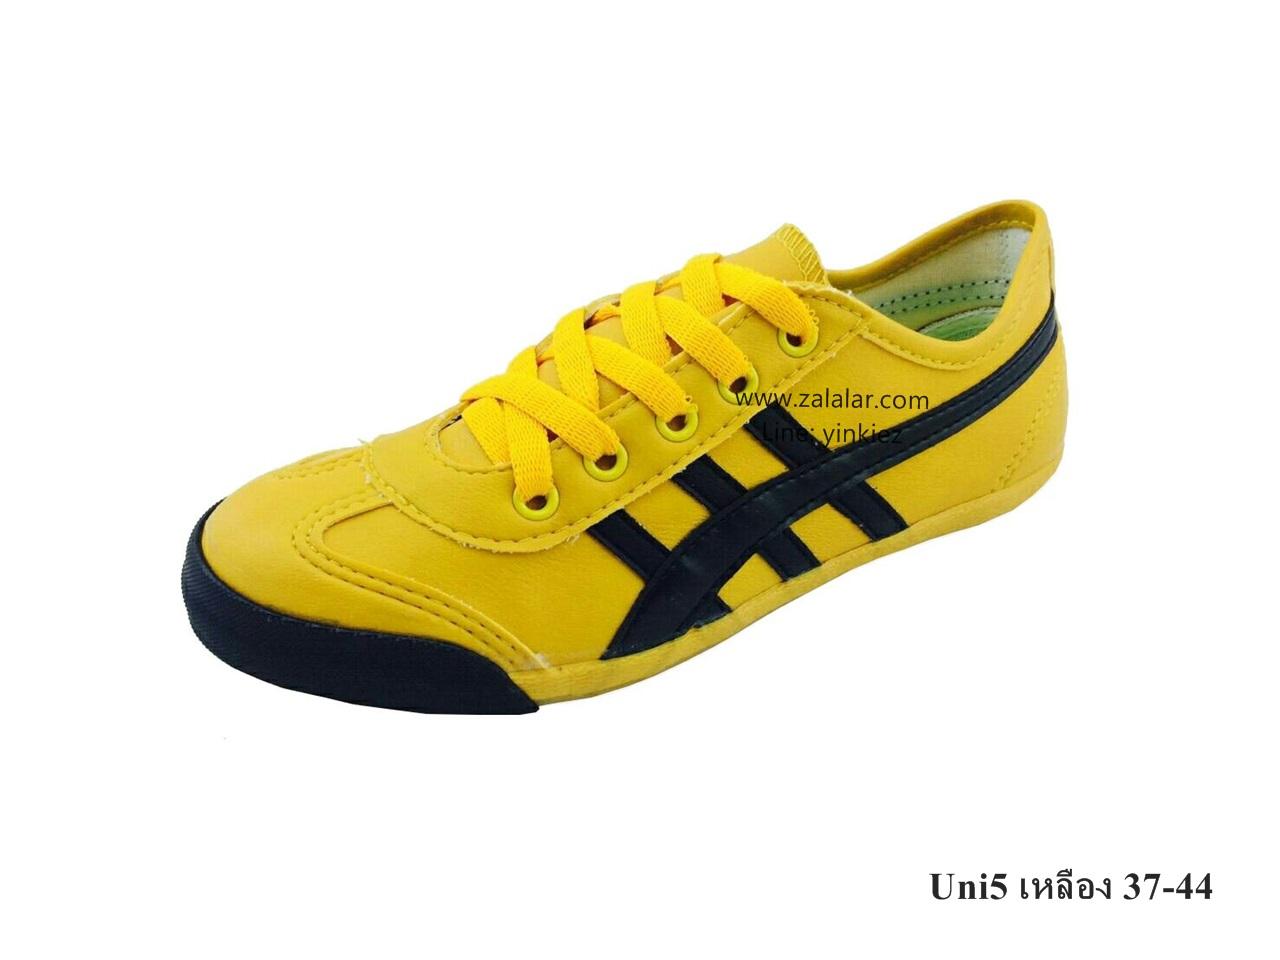 [พร้อมส่ง] รองเท้าผ้าใบแฟชั่น รุ่น Uni5 สีเหลือง แบบหนัง